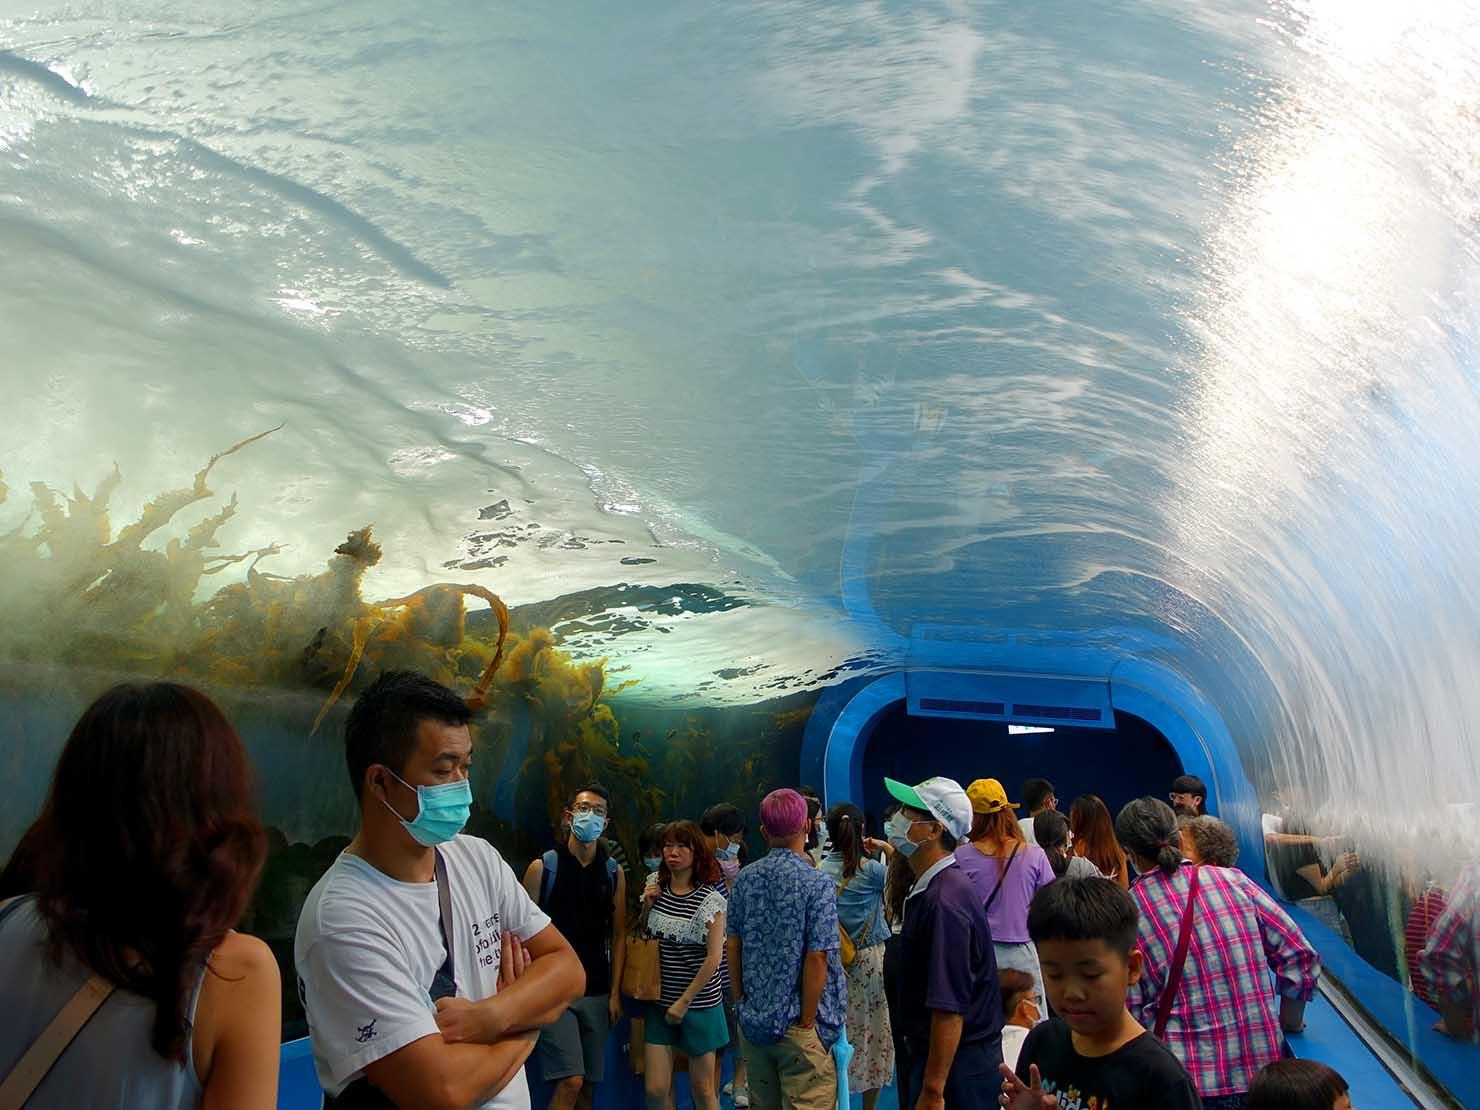 台北に誕生した都市型水族館「Xpark」内にある波のトンネル